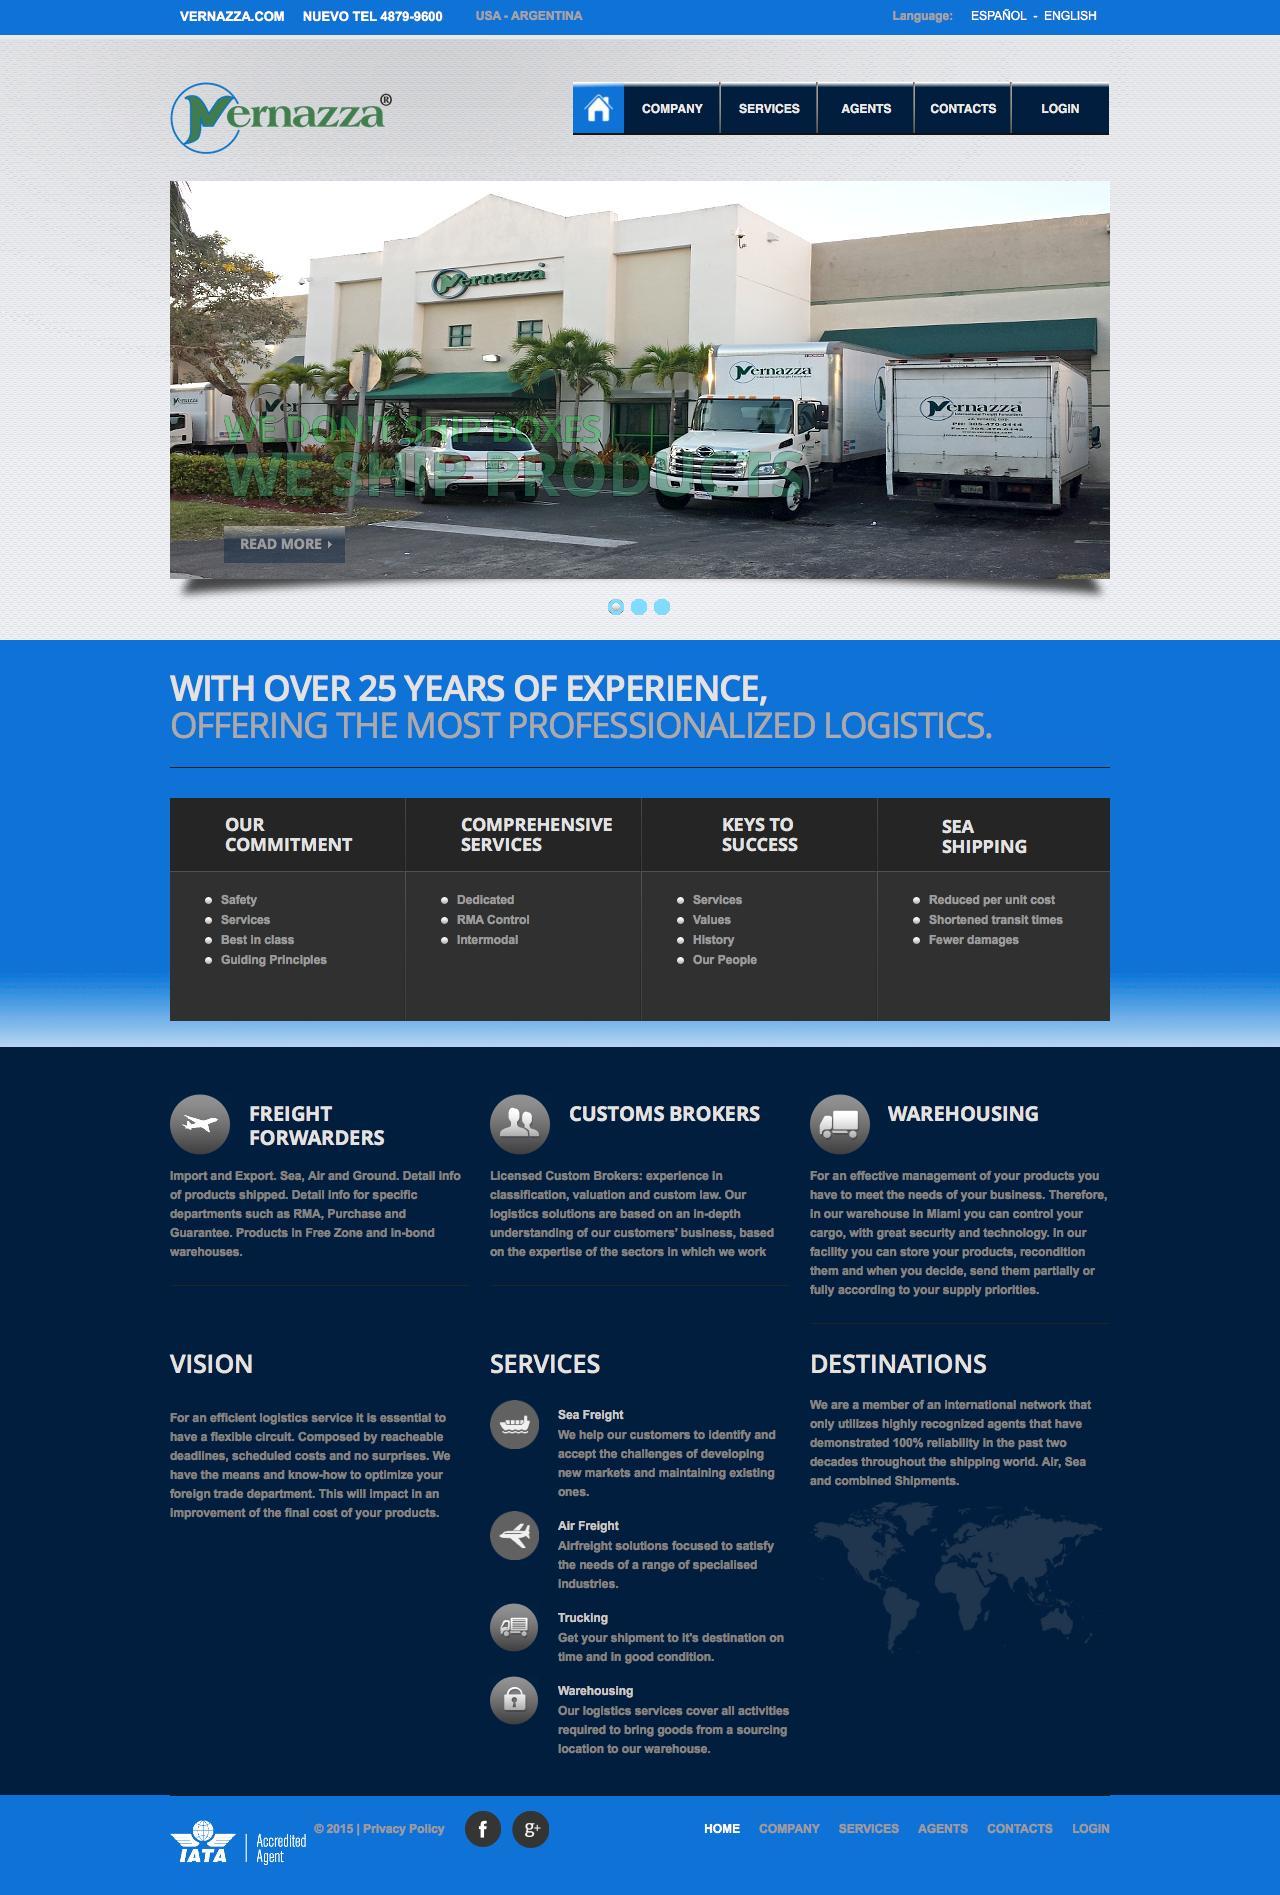 Screenshot of vernazza.com - Vernazza - International Logistics - Home - captured Dec. 19, 2016